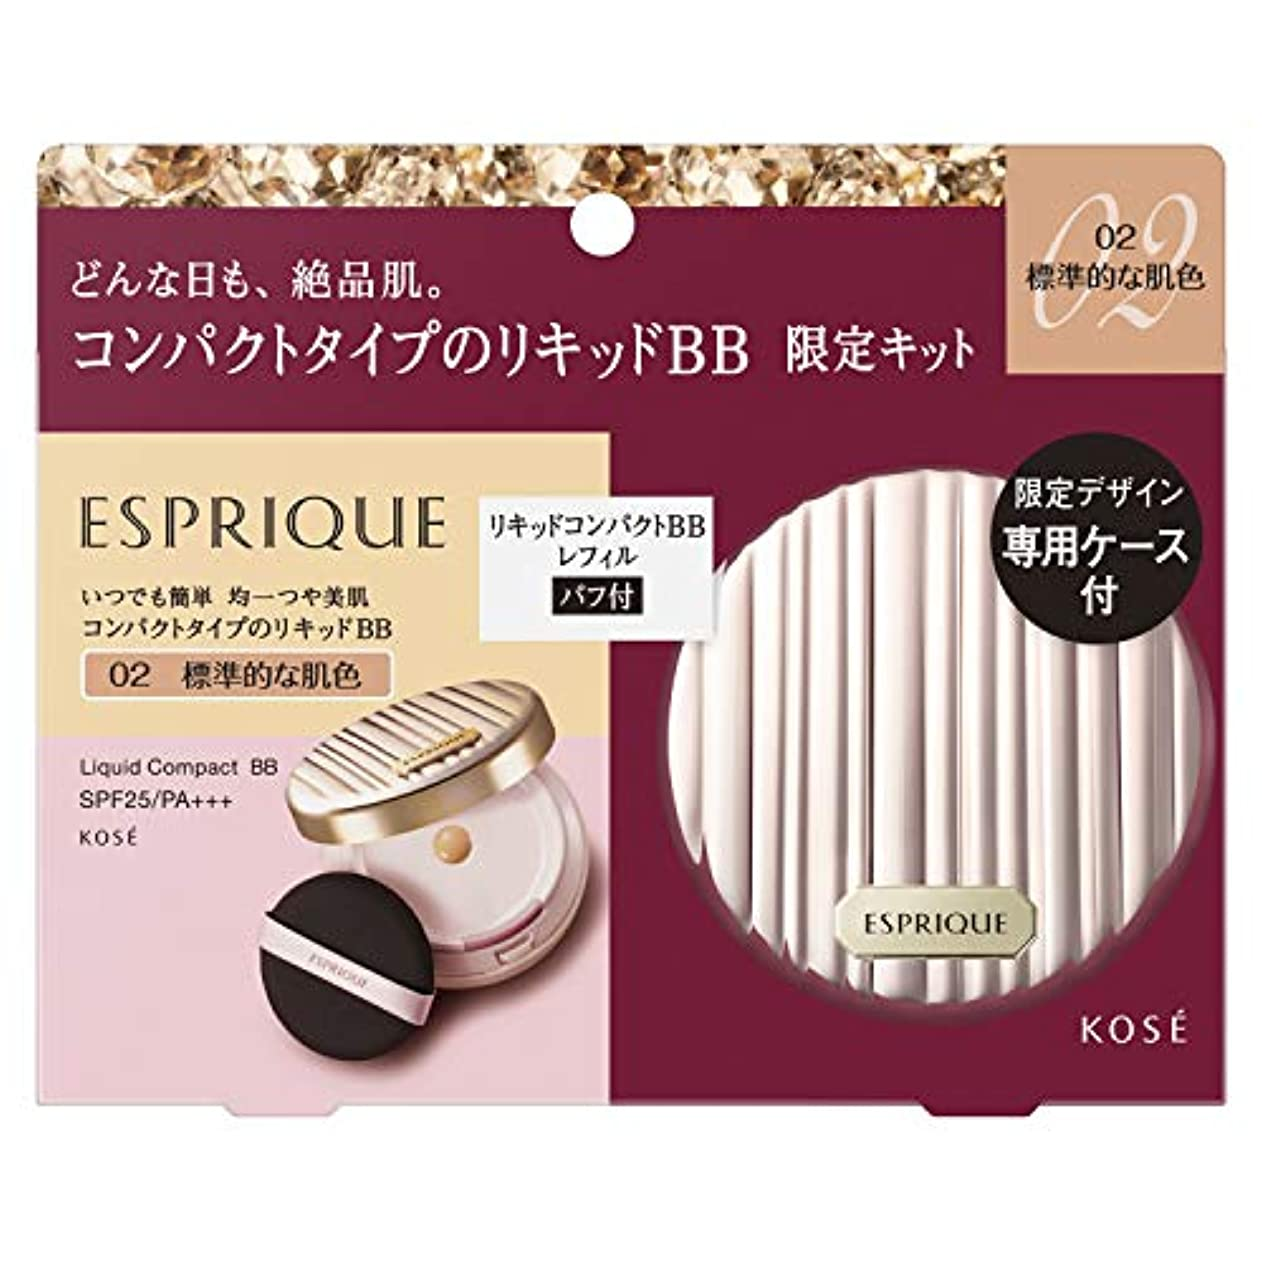 代数刈り取る思い出すESPRIQUE(エスプリーク) エスプリーク リキッド コンパクト BB 限定キット 2 BBクリーム 02 標準的な肌色 セット 13g+ケース付き